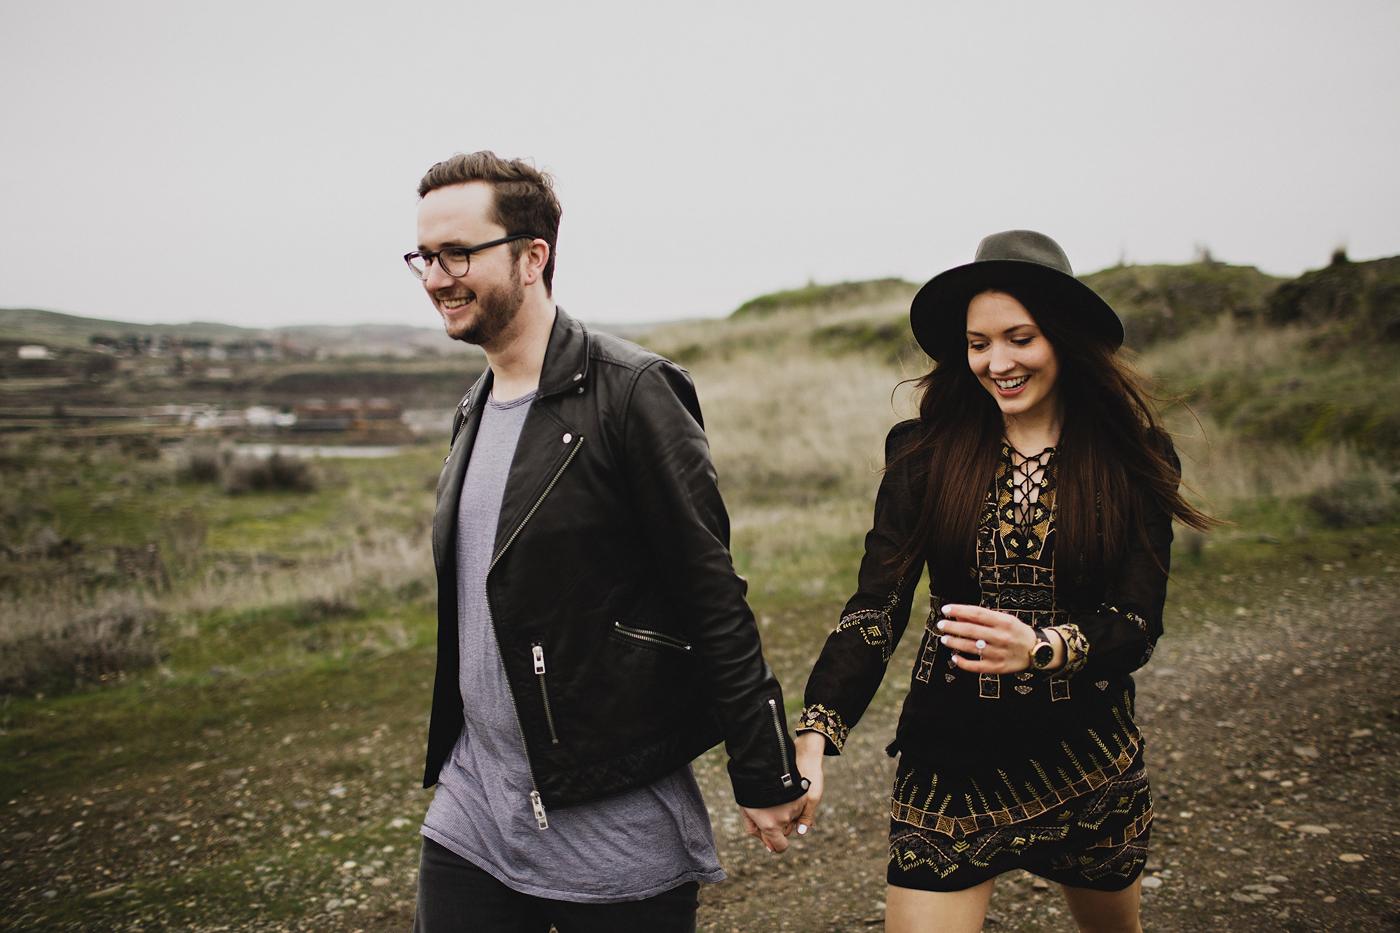 cute couple walks through field